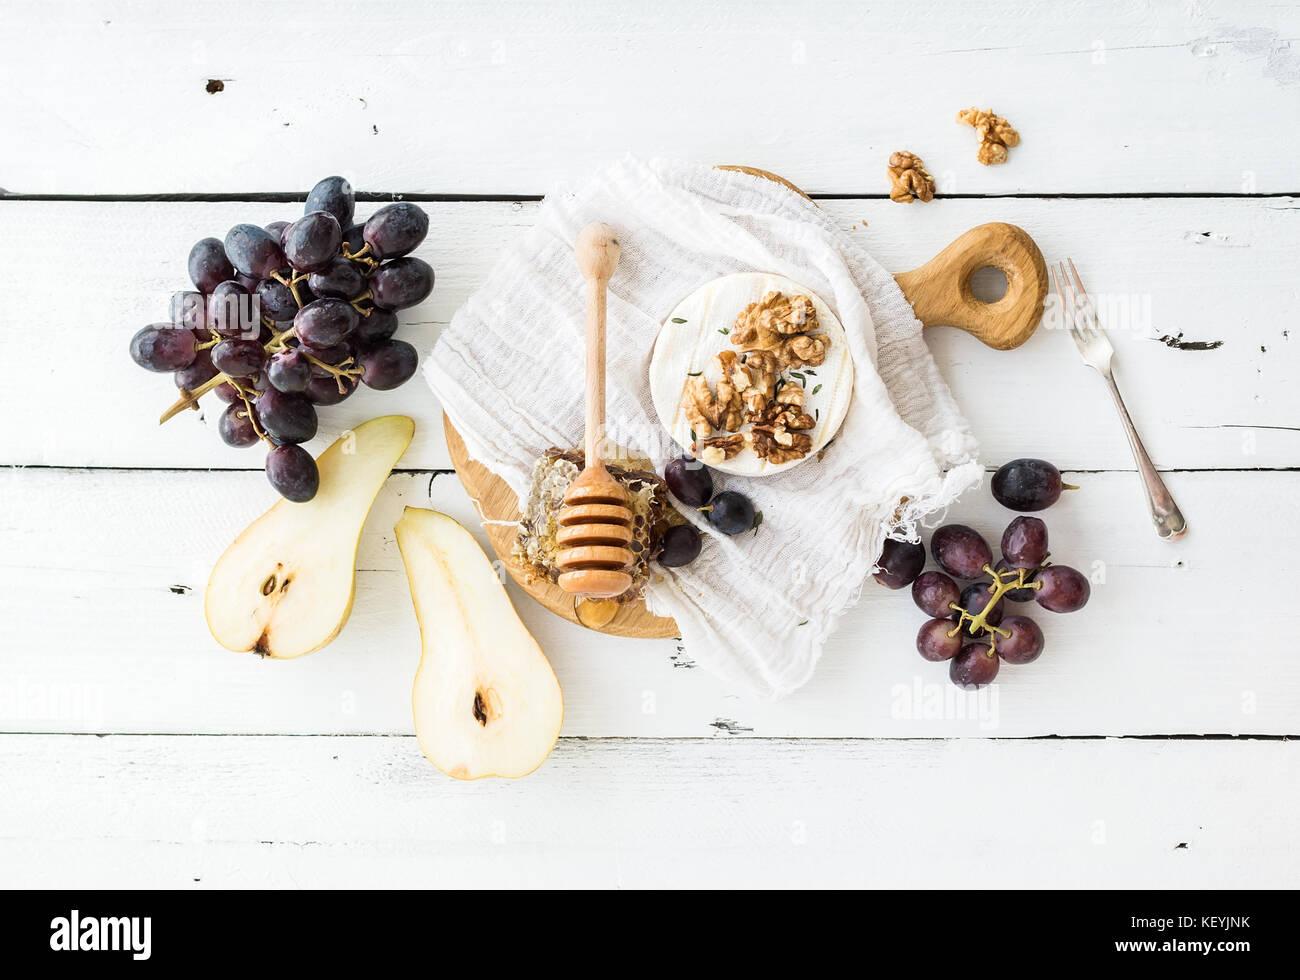 Camembert au raisin, noix, poire et miel sur plaque métal vintage Photo Stock